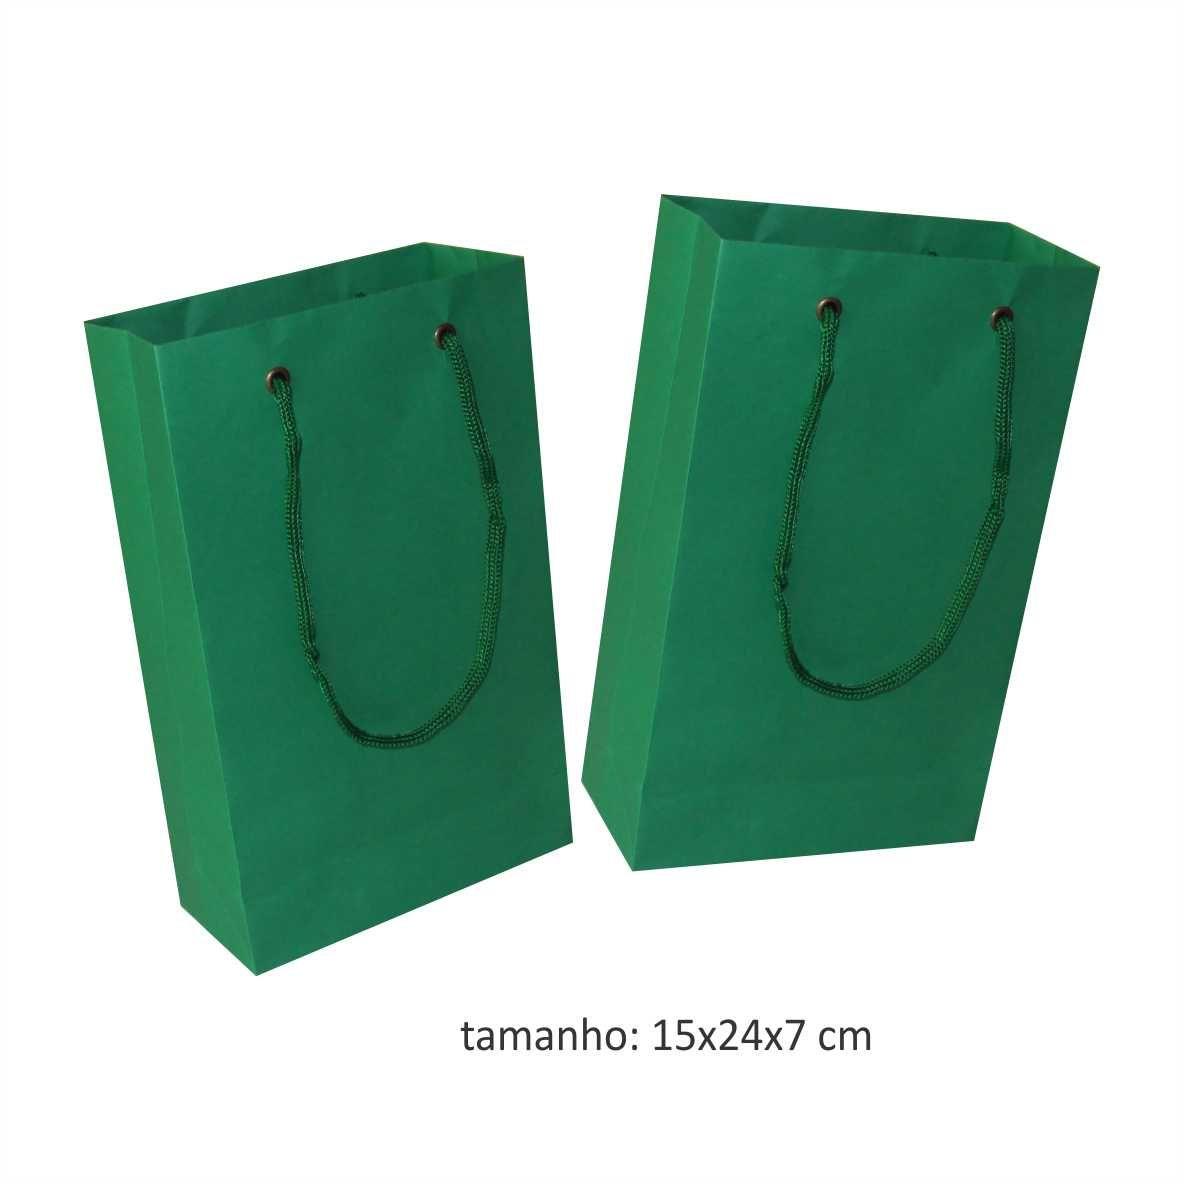 Sacola de papel (15x24x7 cm) pequena - cor verde escuro - 10 unidades